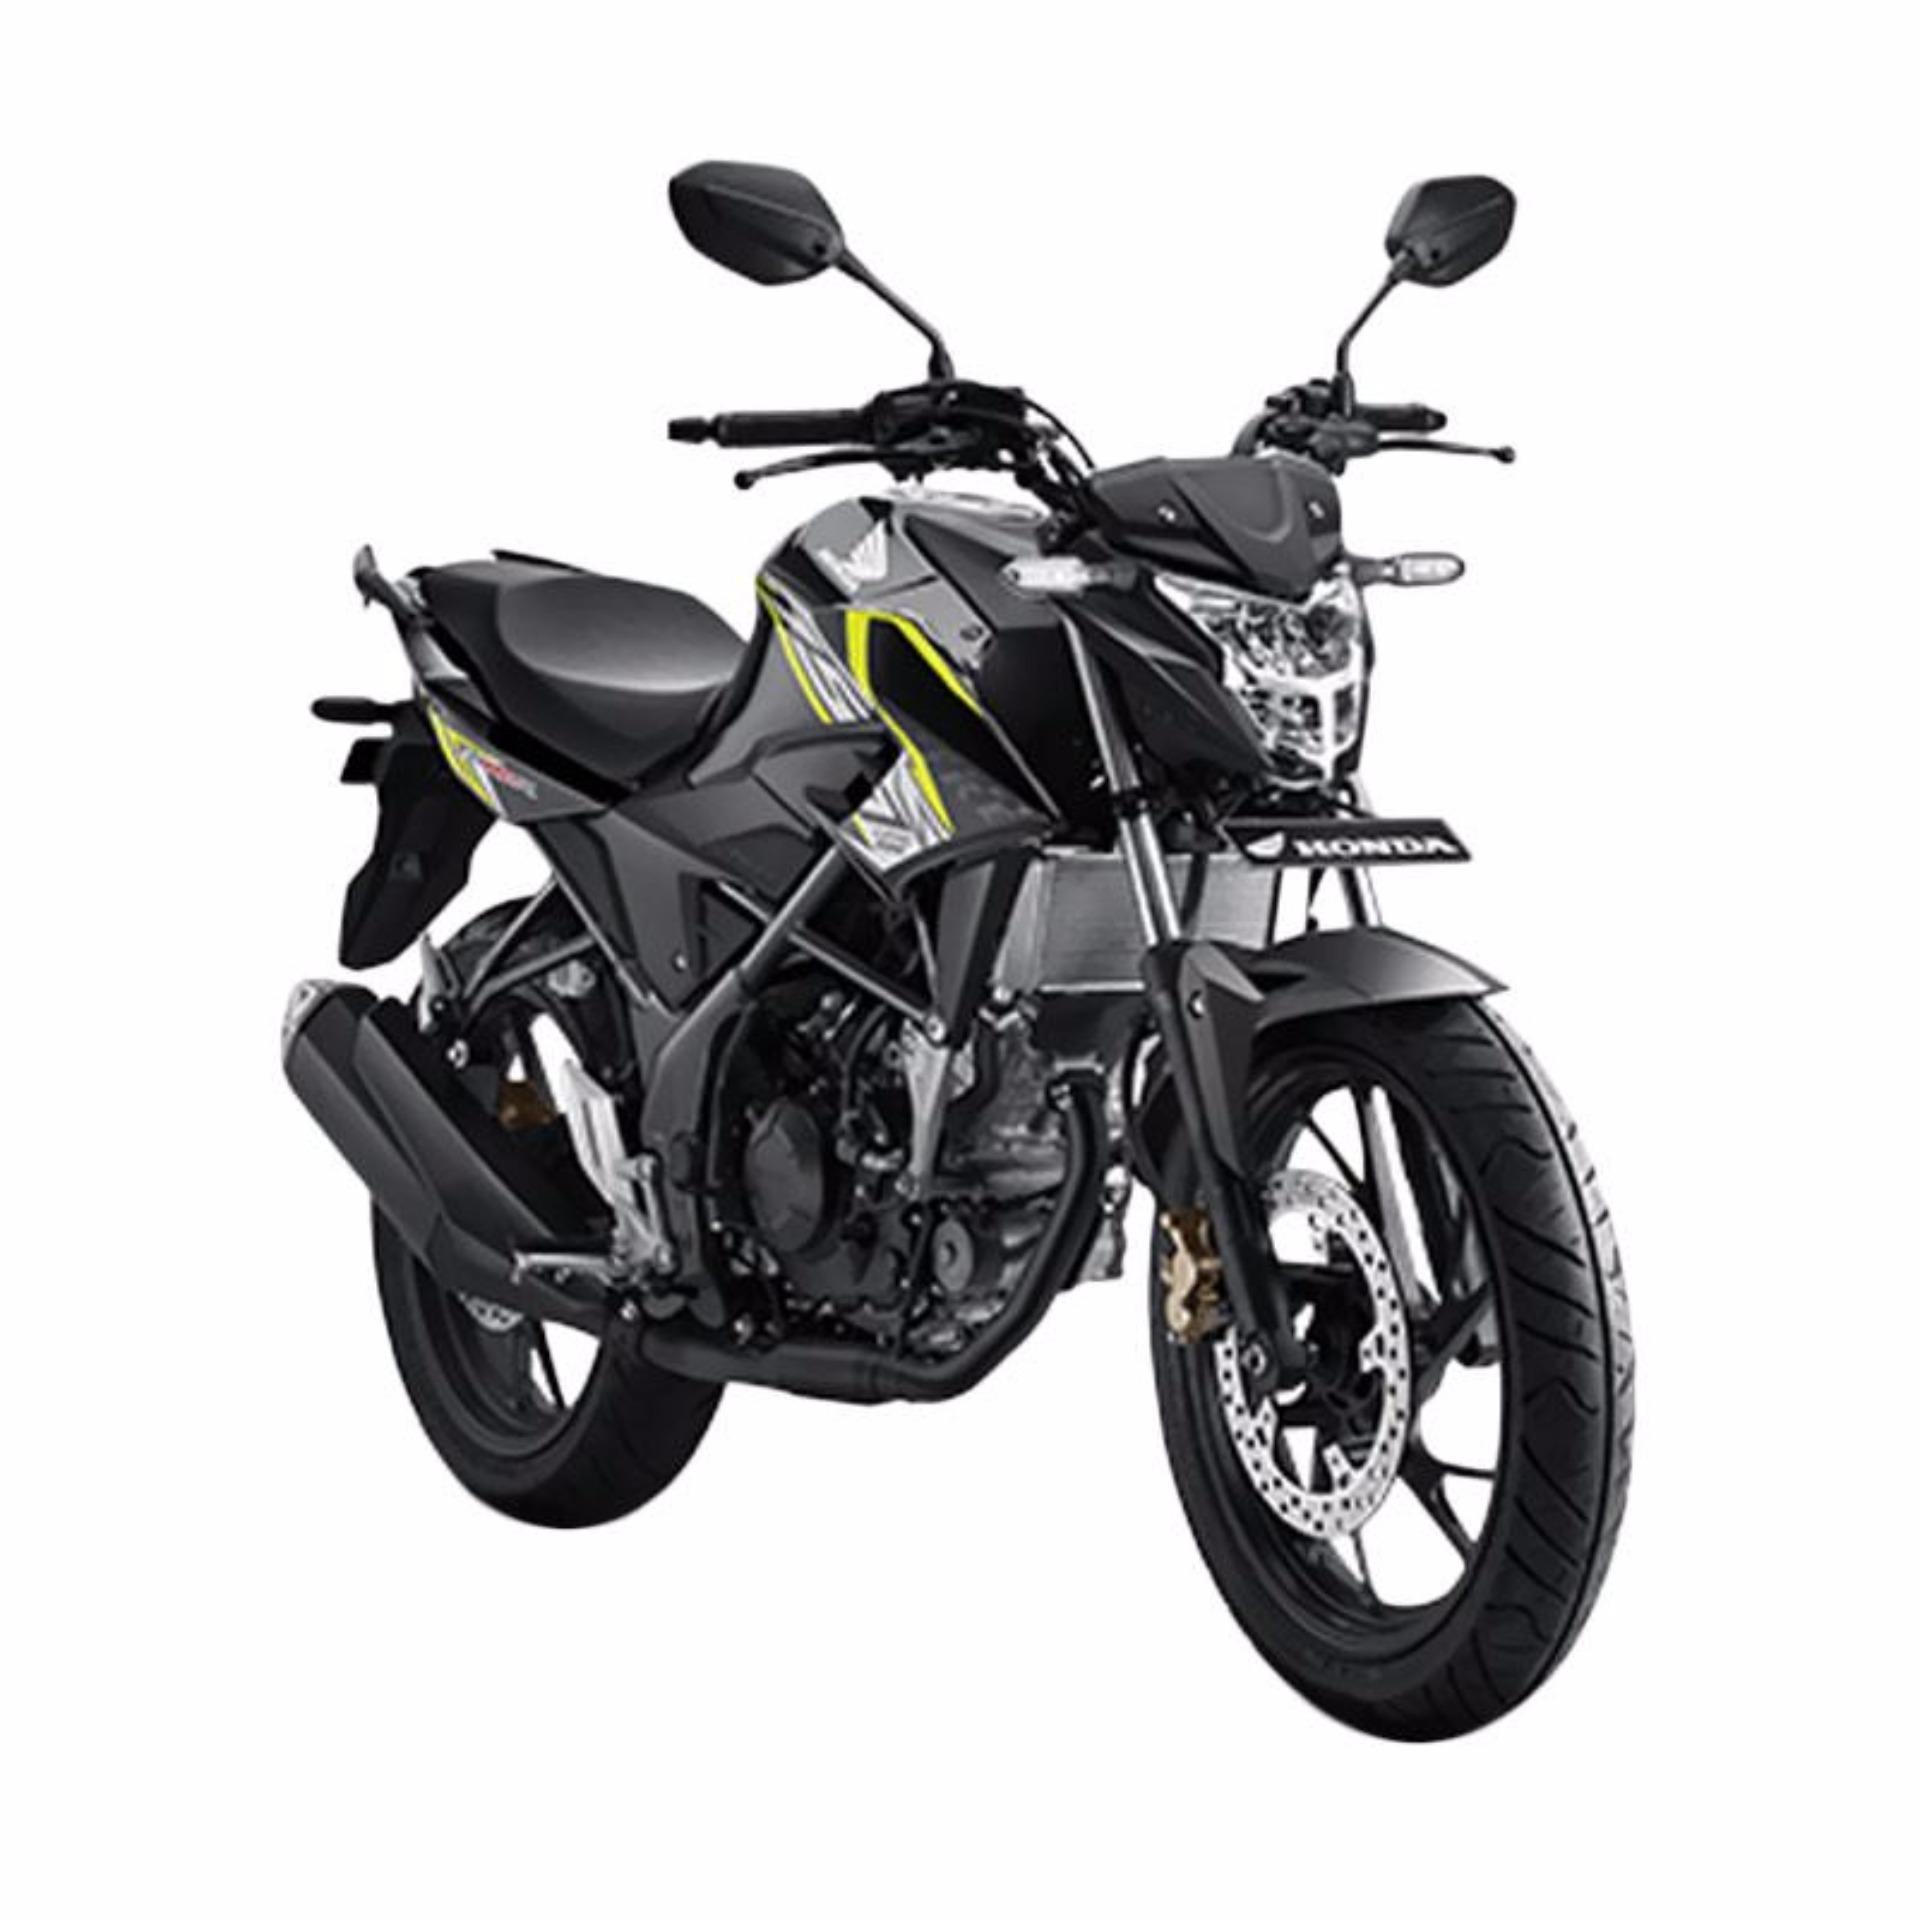 Honda Beat Sporty Cbs Garage Black Khusus Daerah Bekasi Dan New Vario 110 Esp Grande White Kota Semarang Kredit Motor Fi 2018 Jabodetabek 5 Source